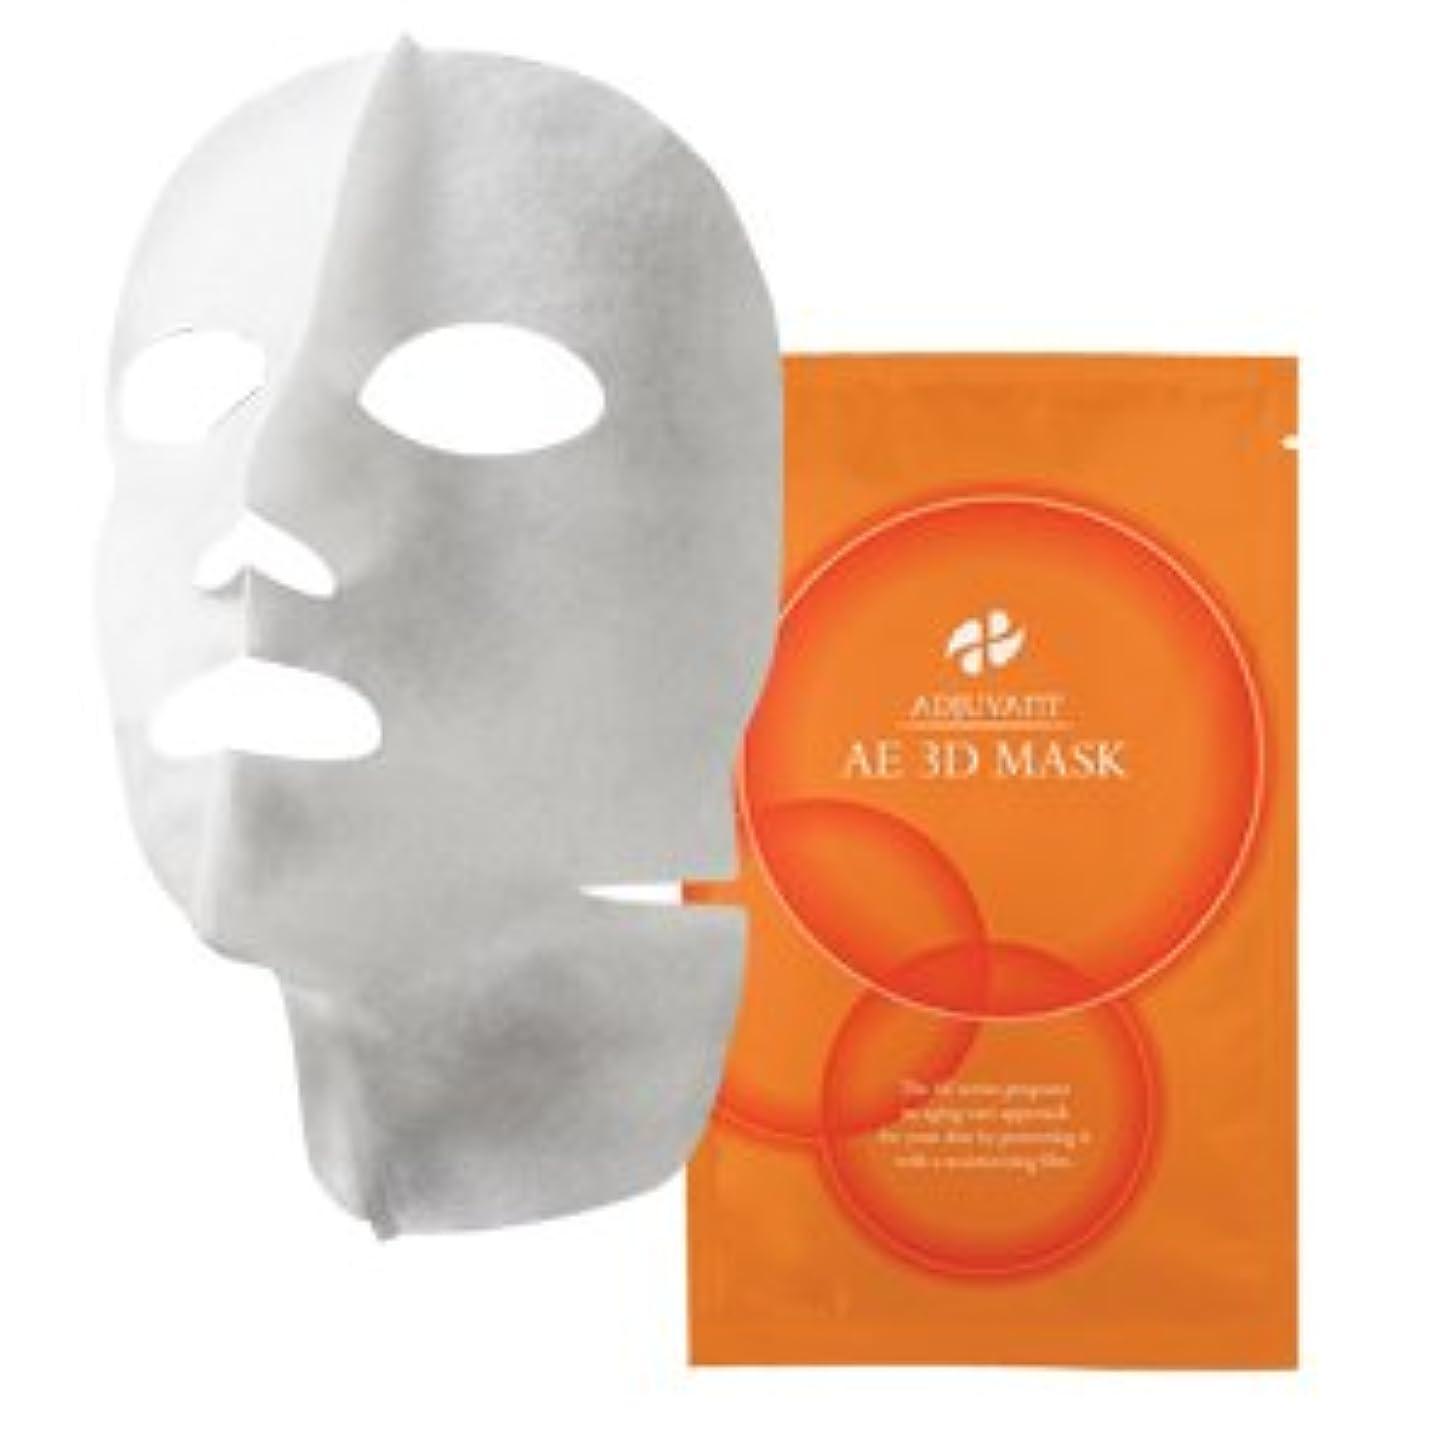 成功警察署保安アジュバン AE 3Dマスク 35ml×6枚入り<マスク>